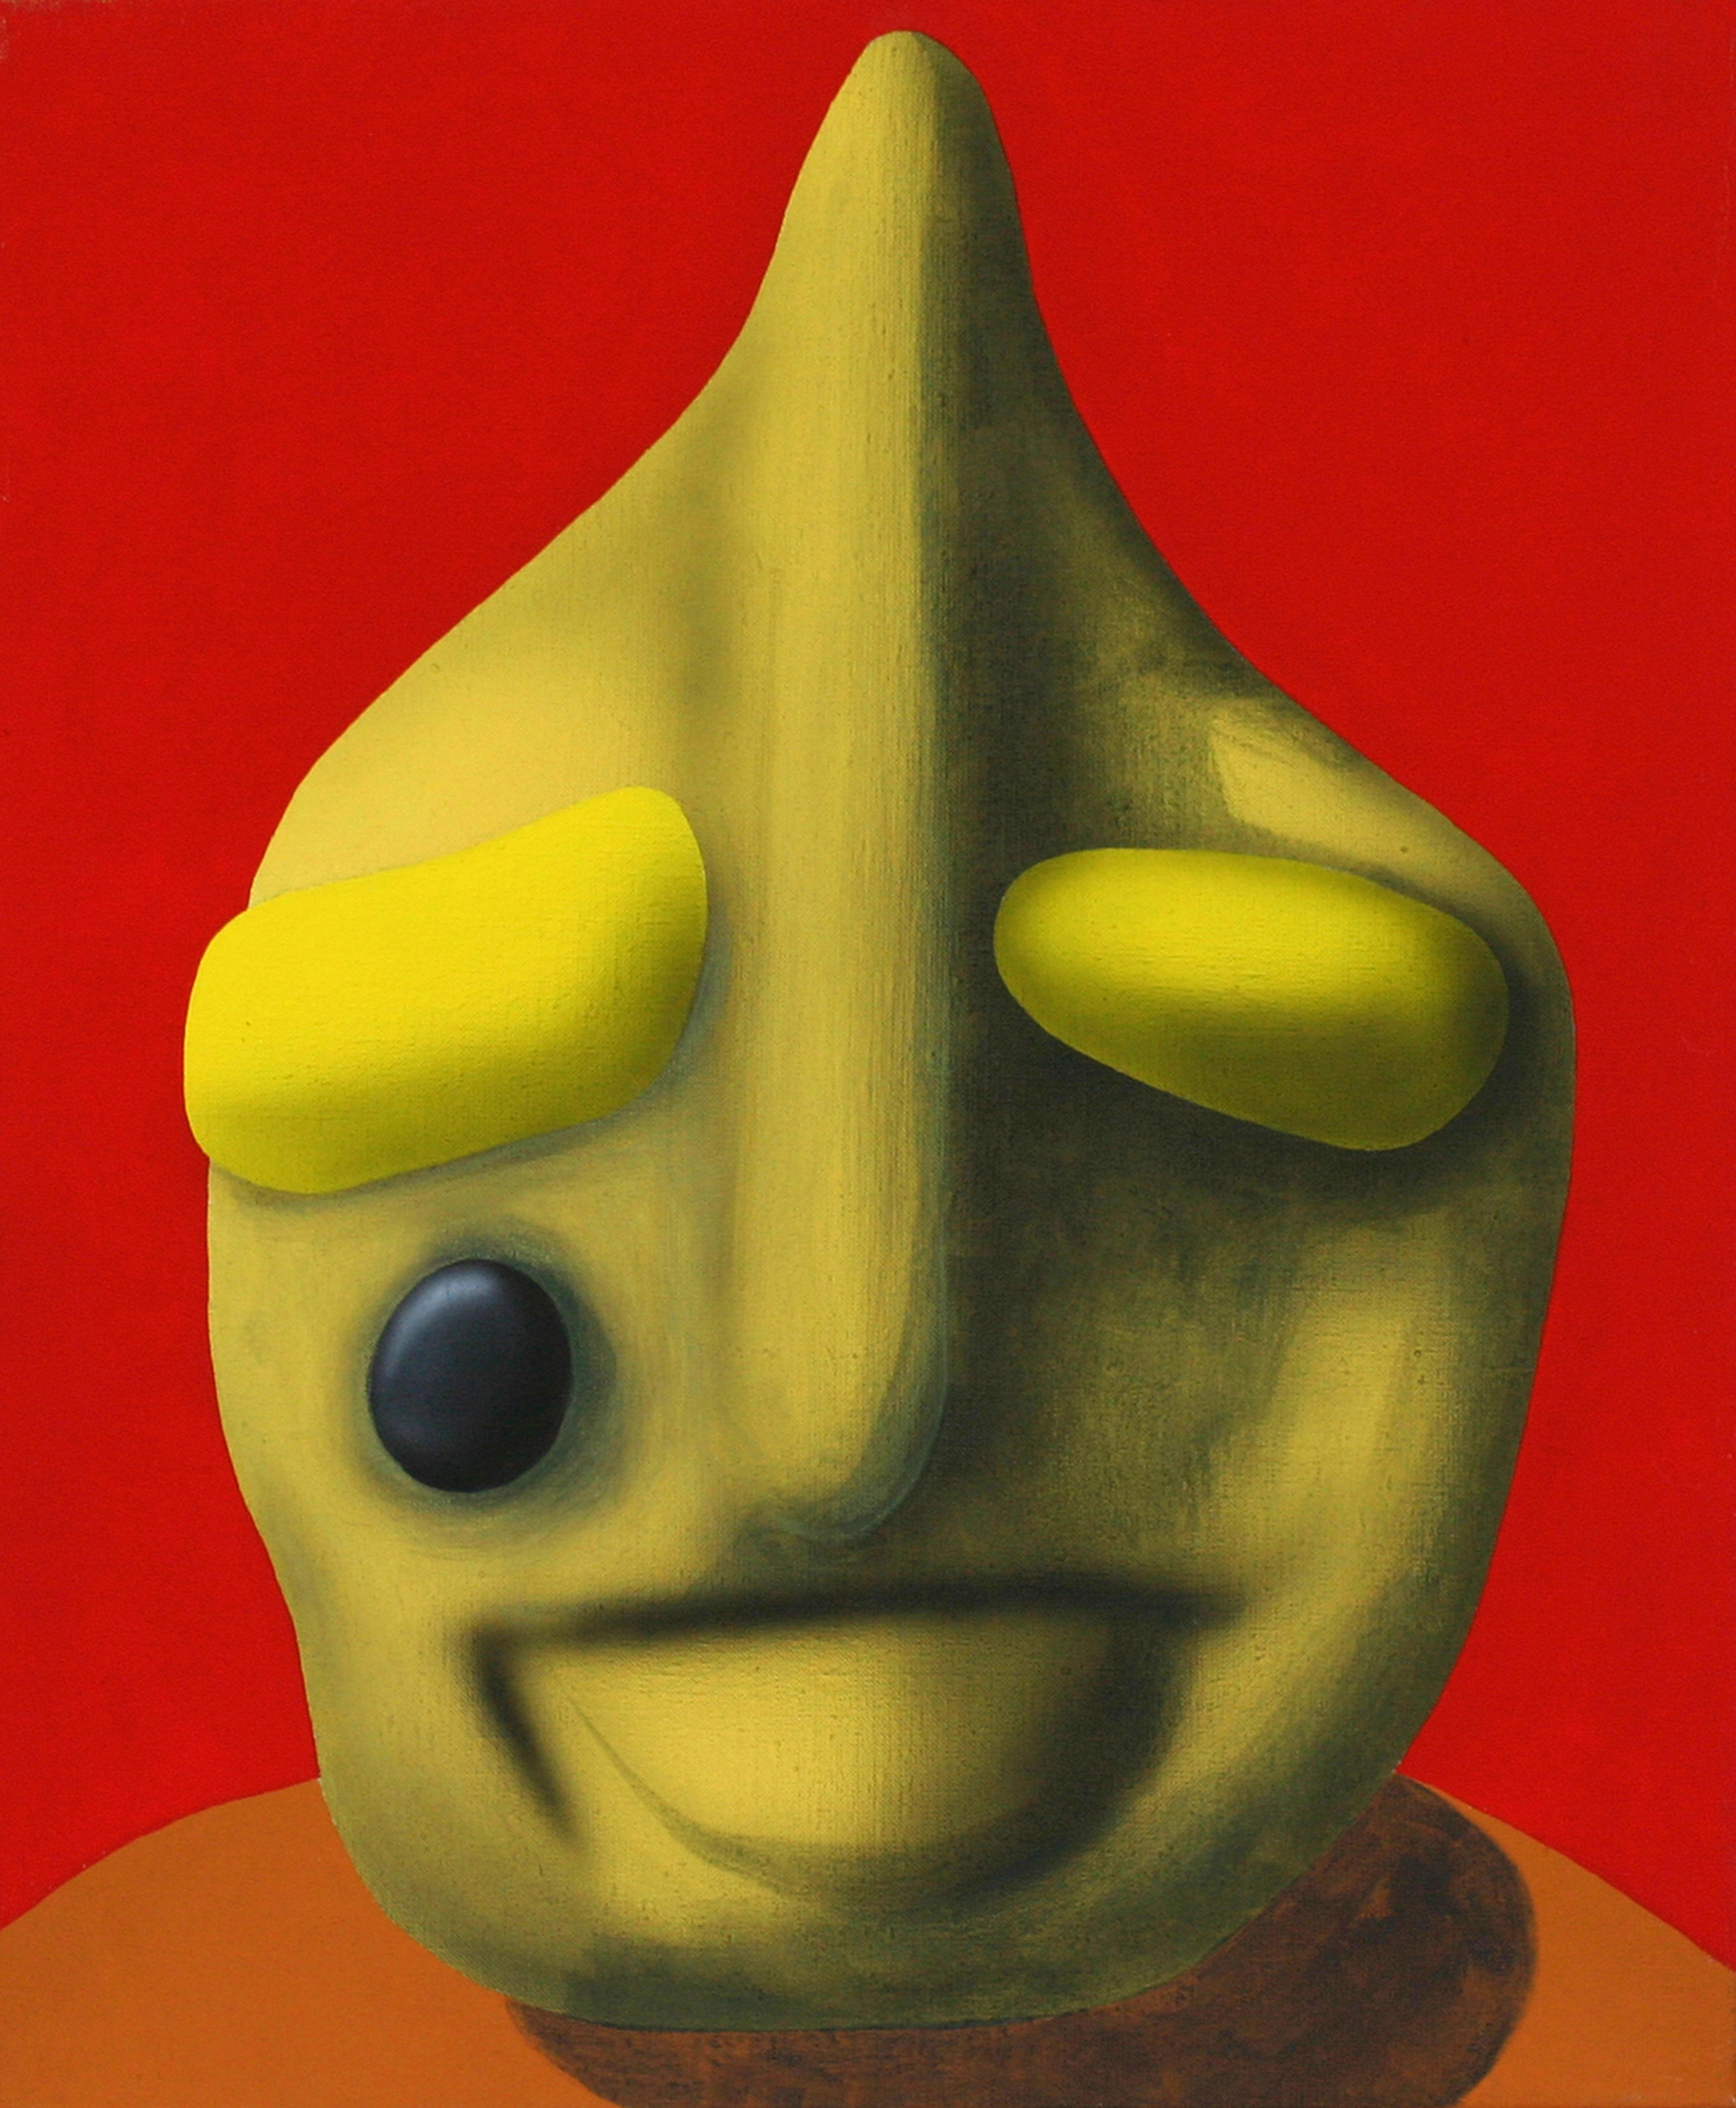 Couda, 2007, acrylic on canvas, 50 x 40 cm